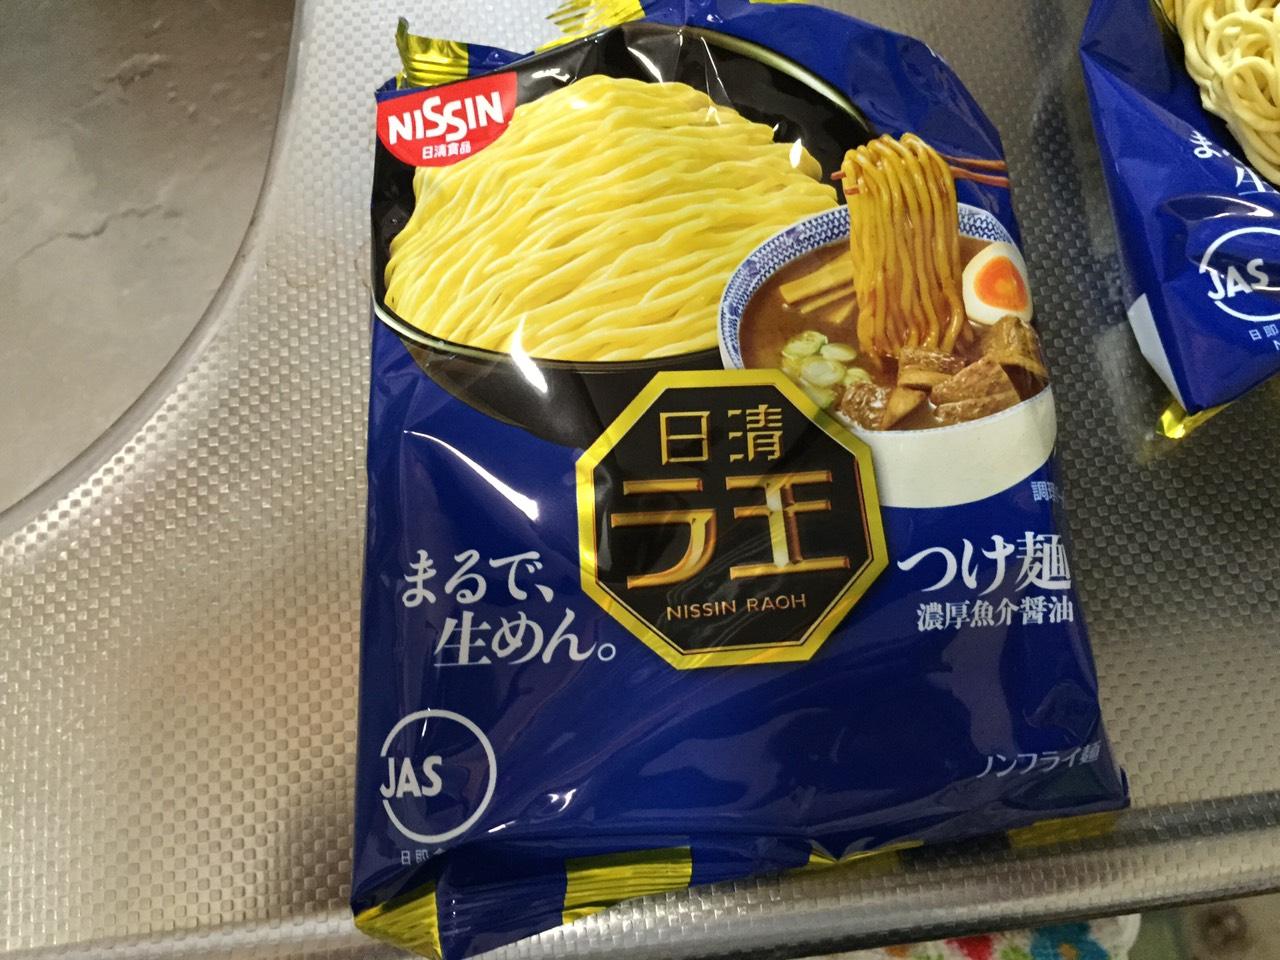 【日清ラ王 濃厚魚介醤油】袋麺のつけ麺って?